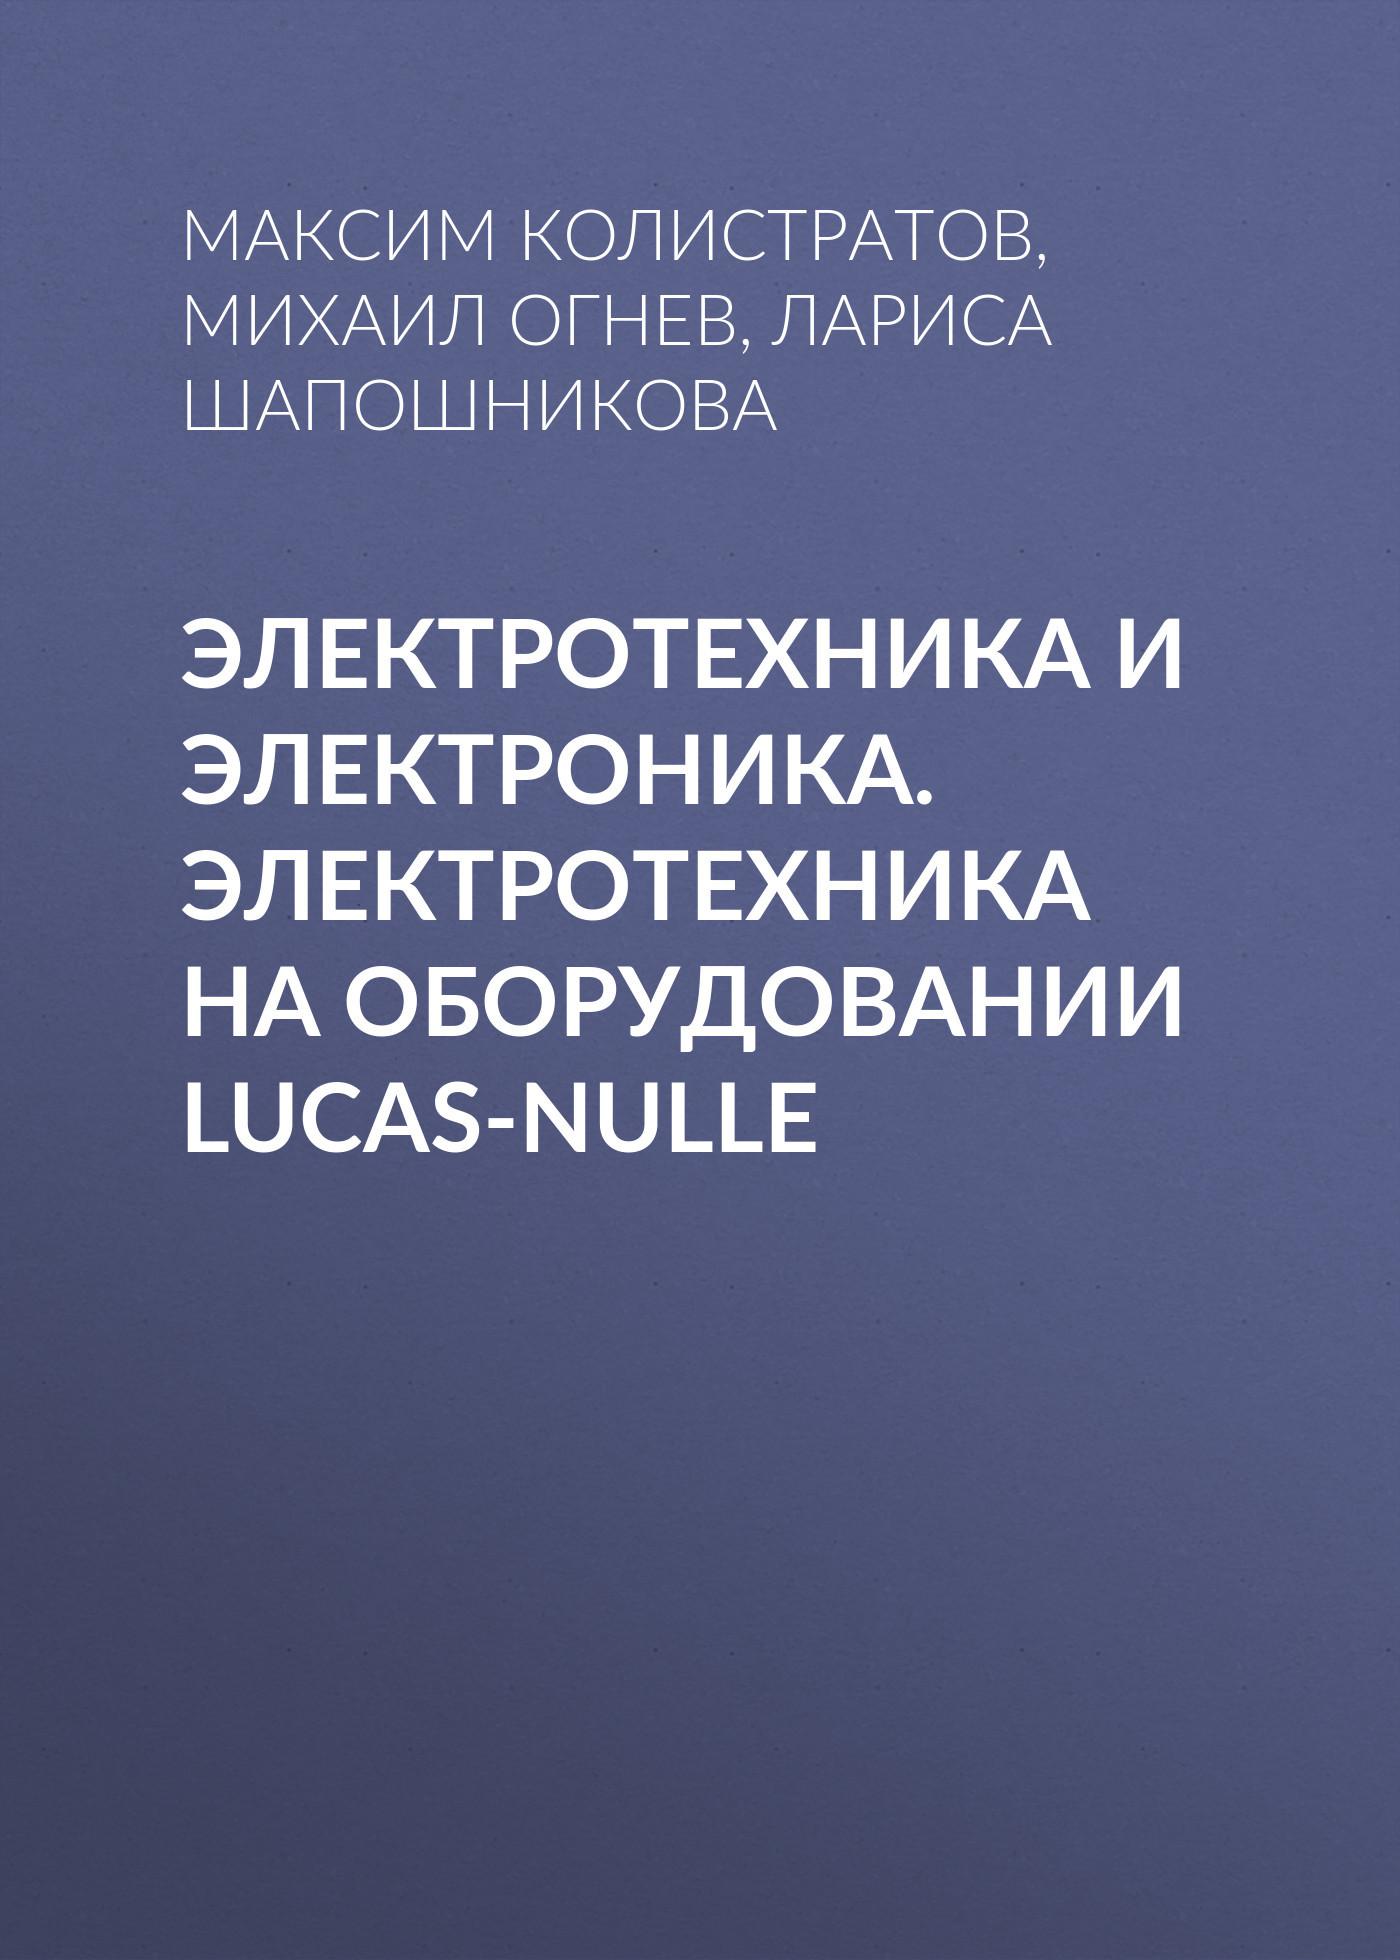 Михаил Огнев Электротехника и электроника. Электротехника на оборудовании Lucas-Nulle